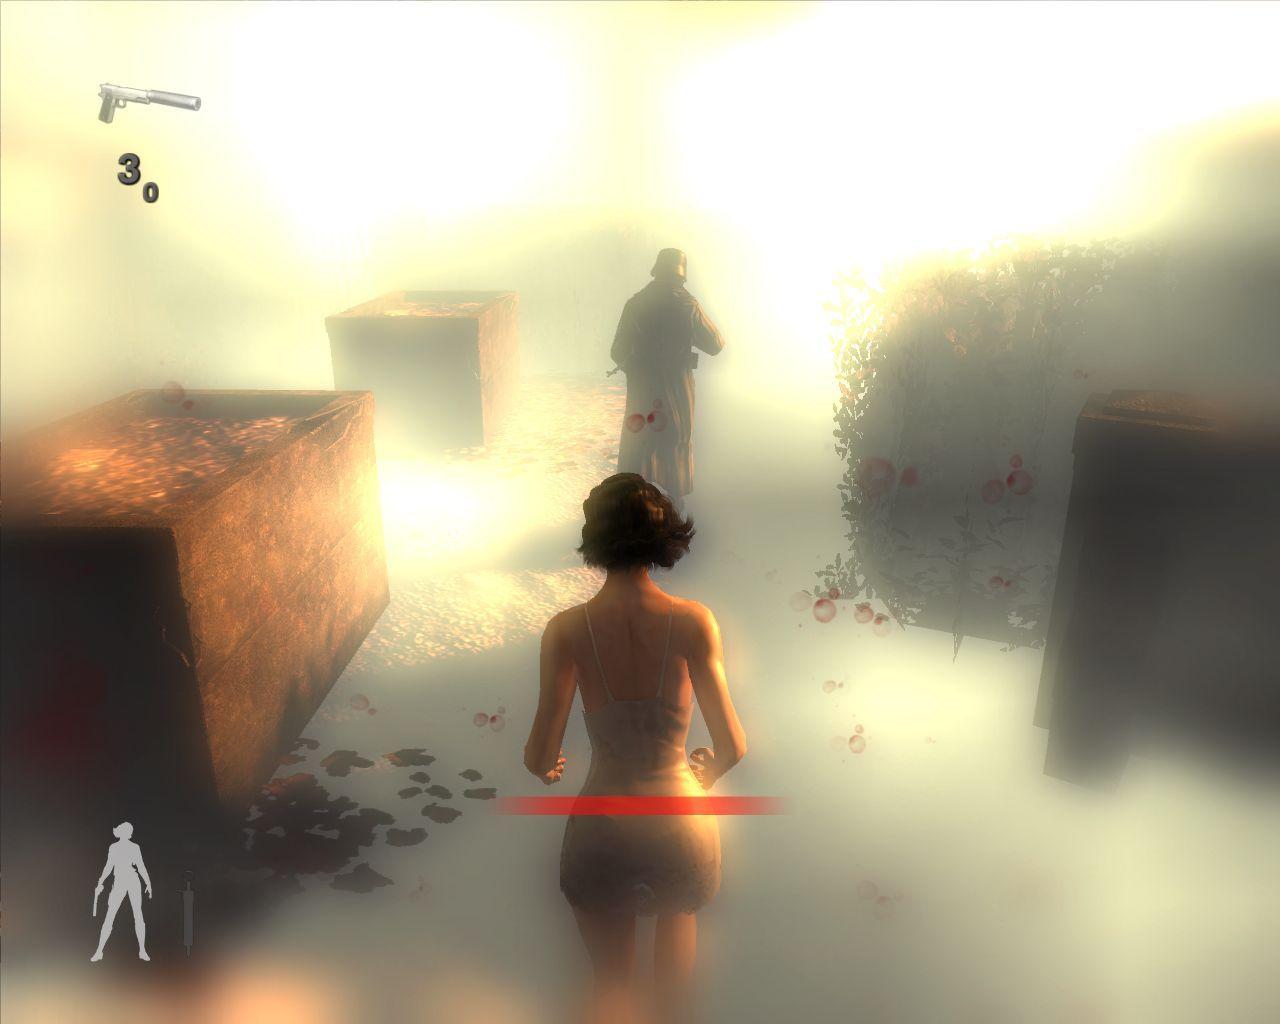 jeuxvideo.com Velvet Assassin - PC Image 78 sur 164